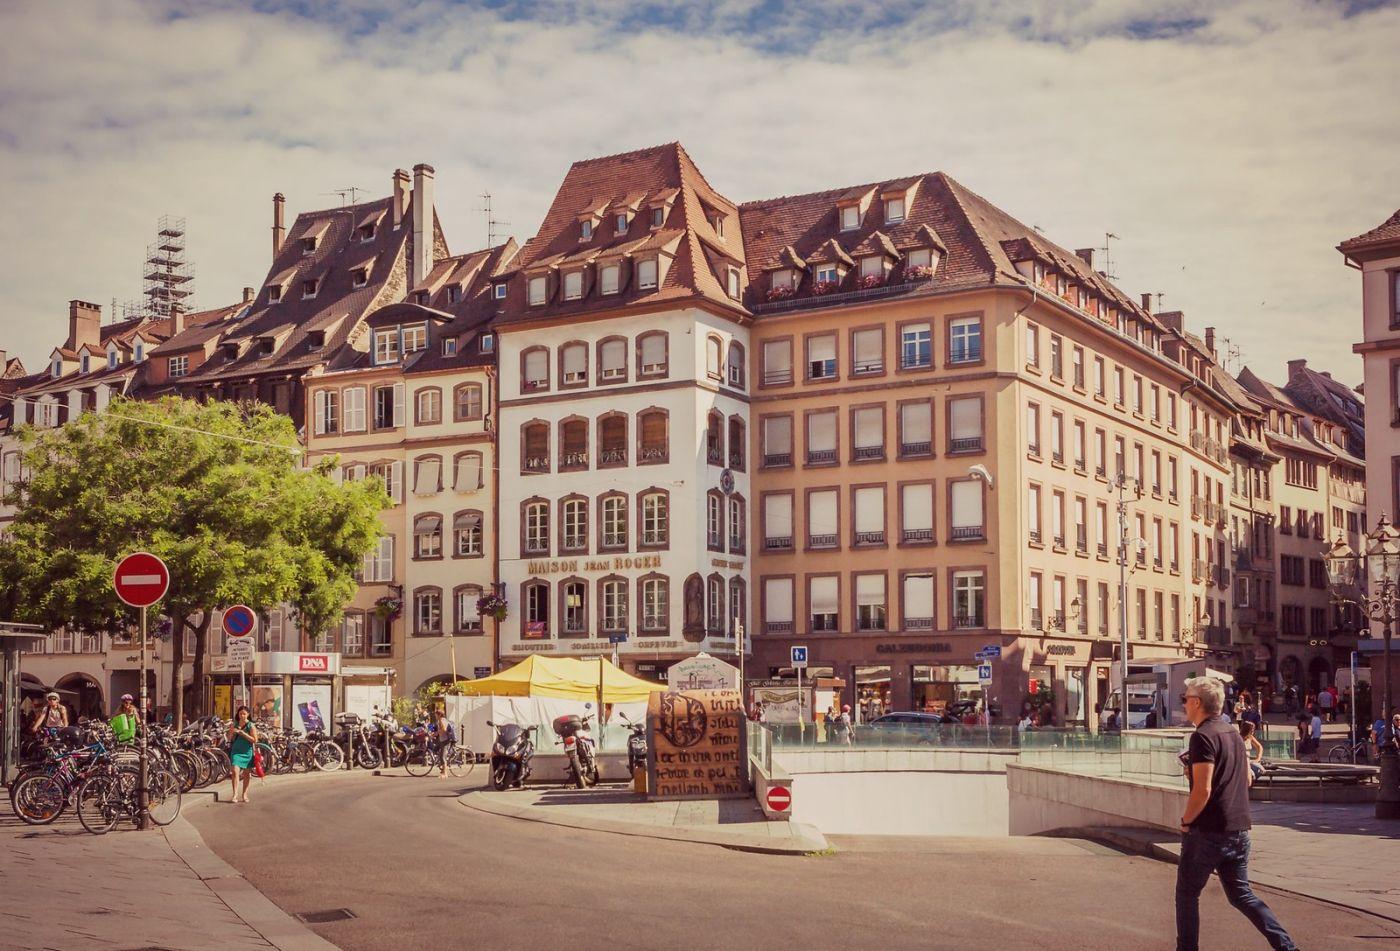 法国斯特拉斯堡(Strasbourg),边走边拍_图1-28